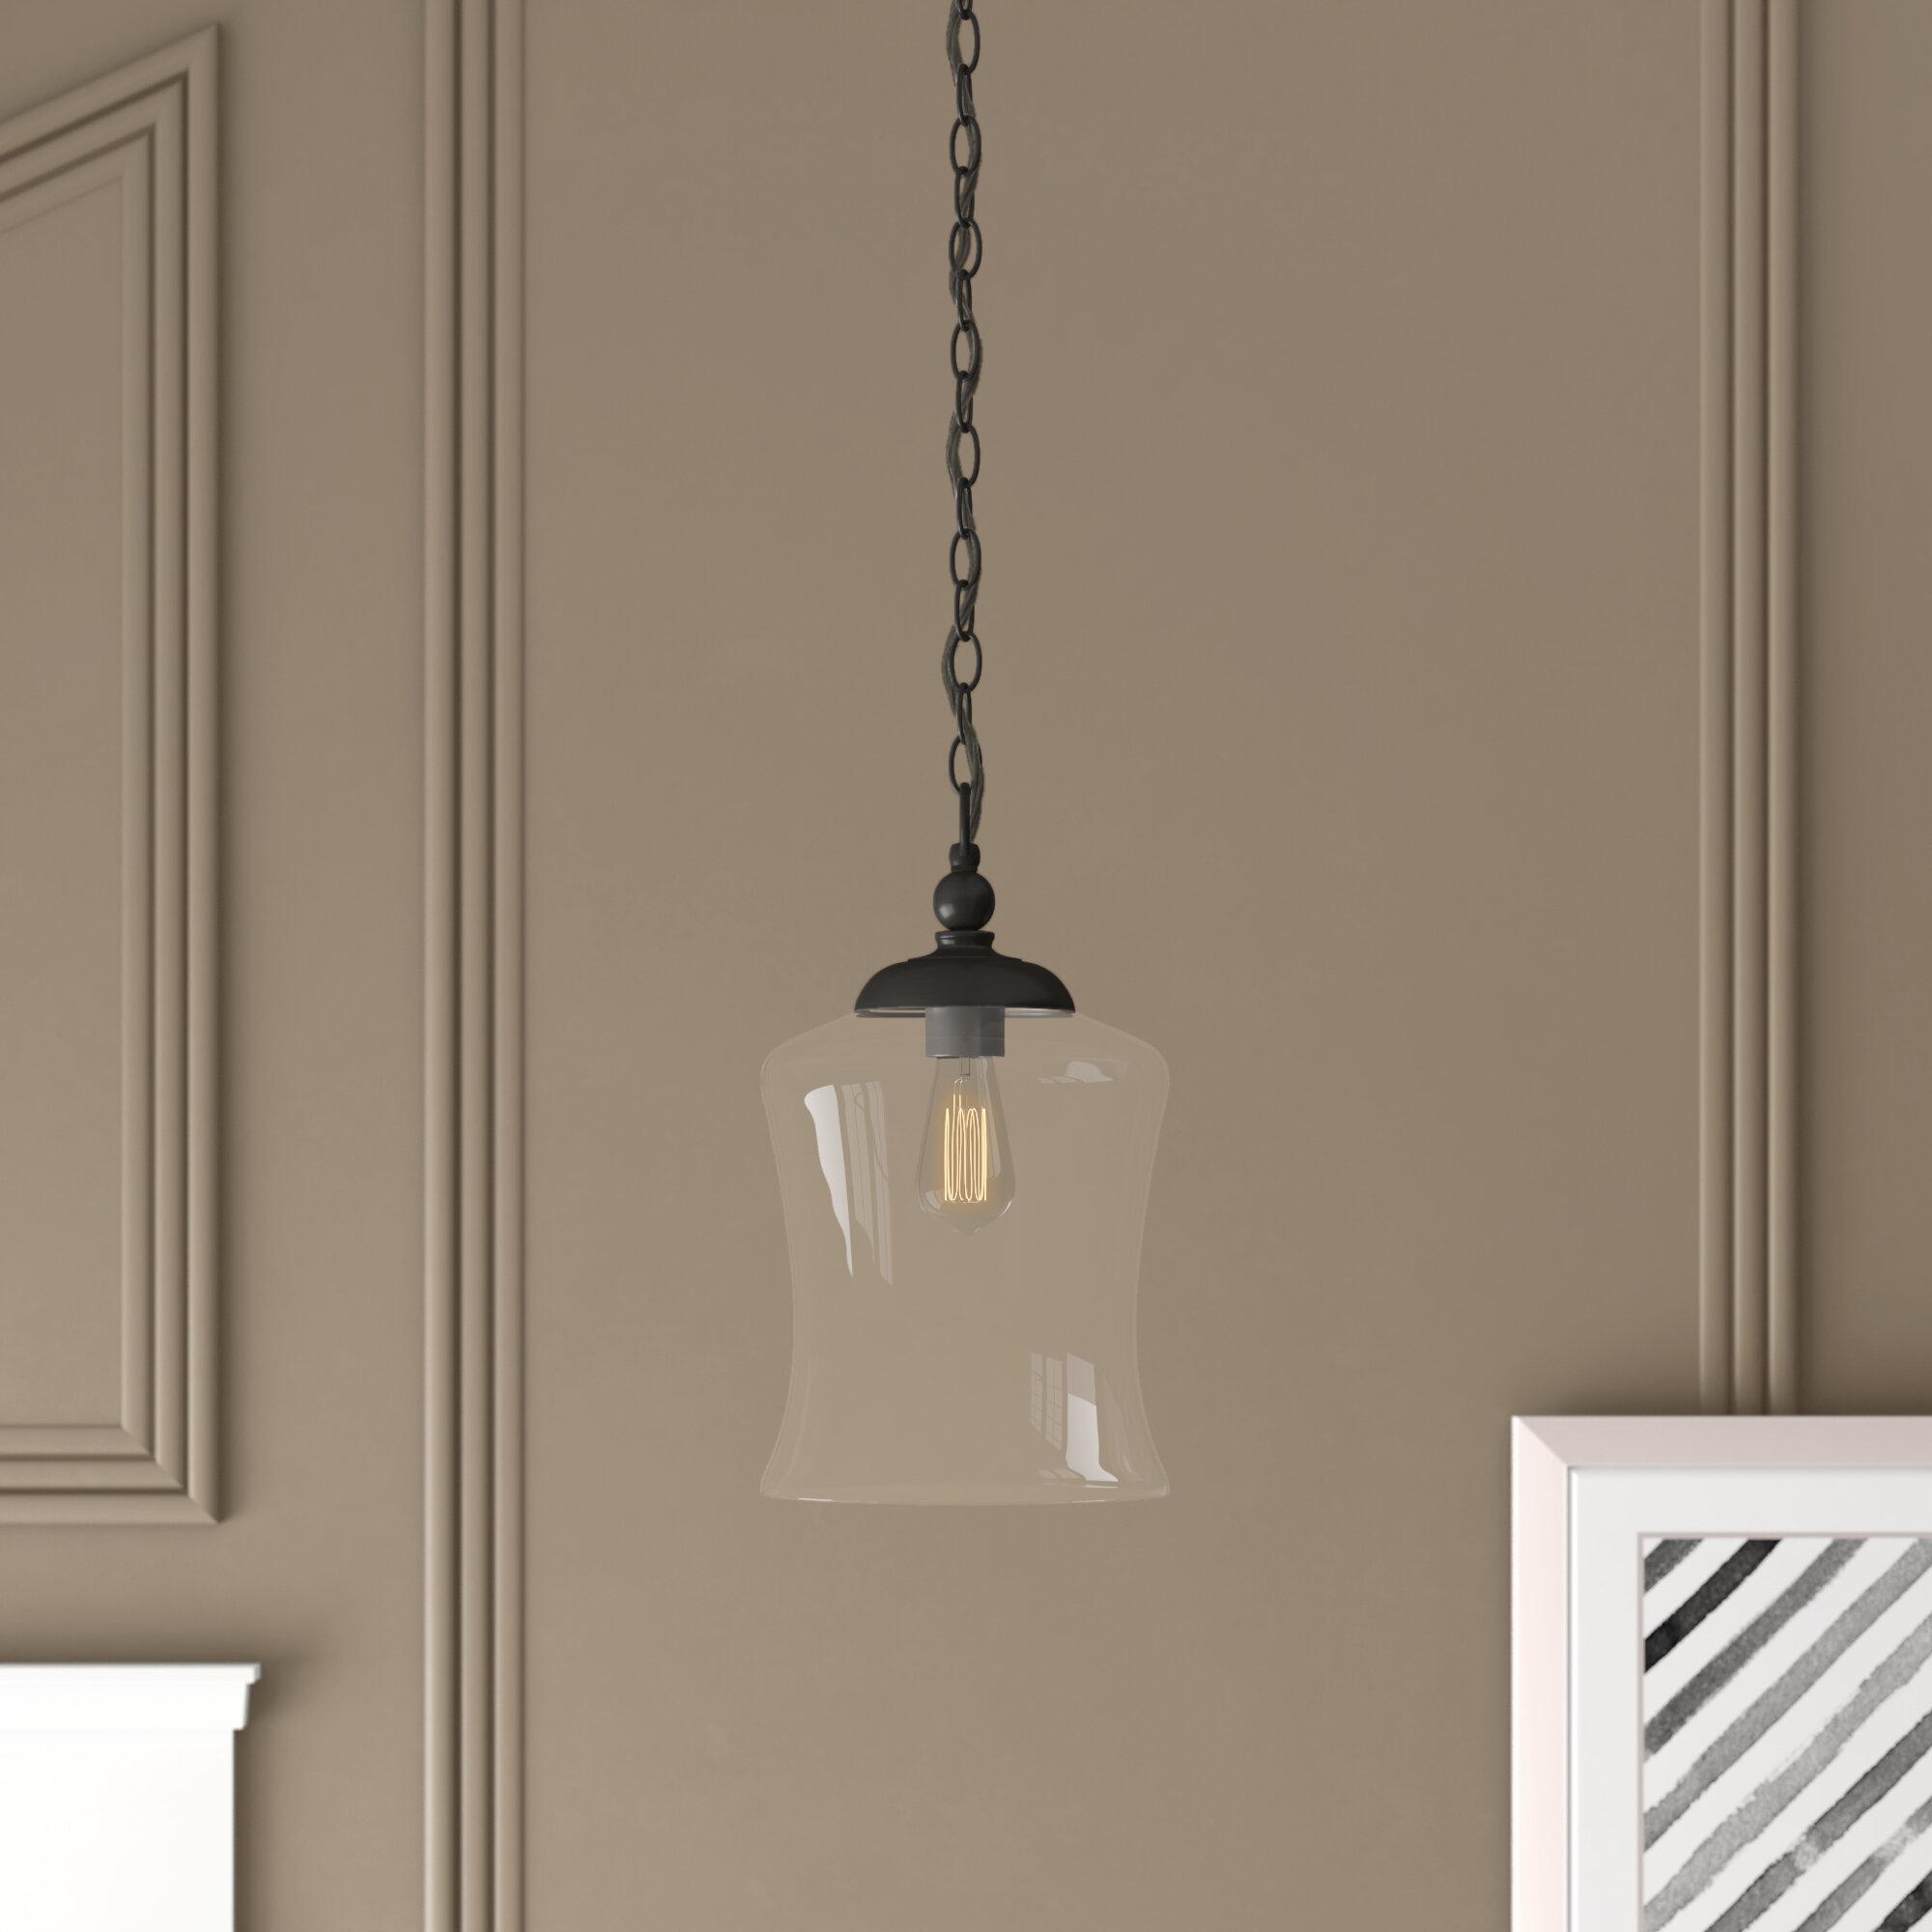 Wentzville 1 Light Single Bell Pendant Intended For 1 Light Single Bell Pendants (View 30 of 30)